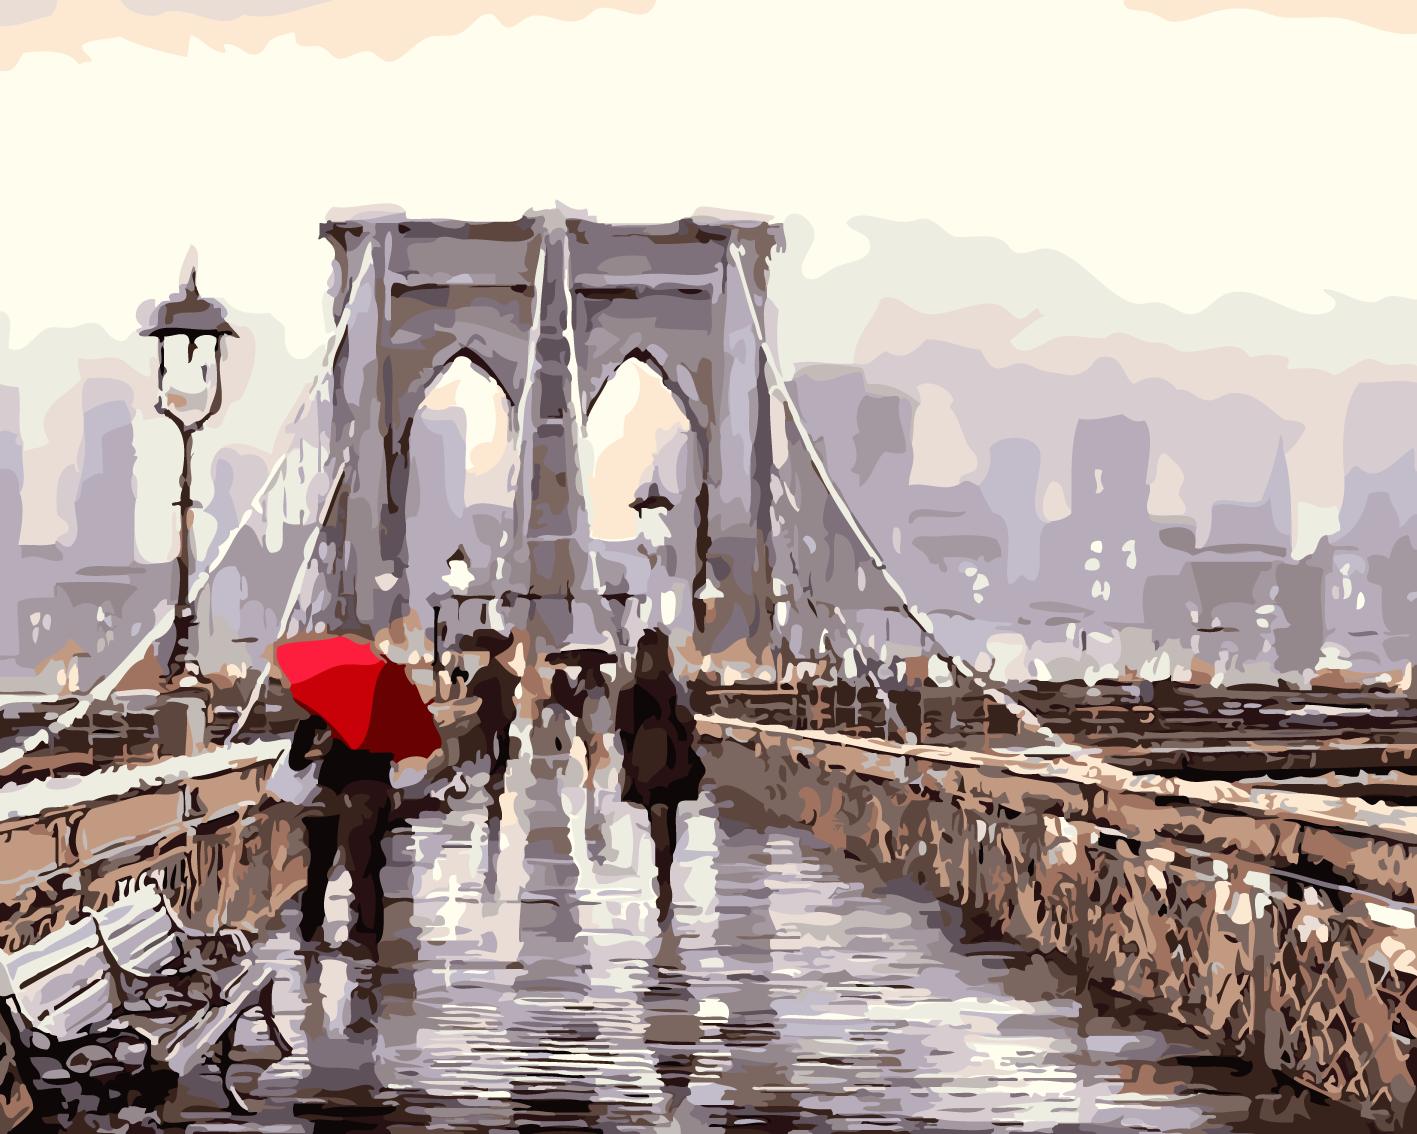 2017 diy bridge crowd digital painting by numbers kits acrylic